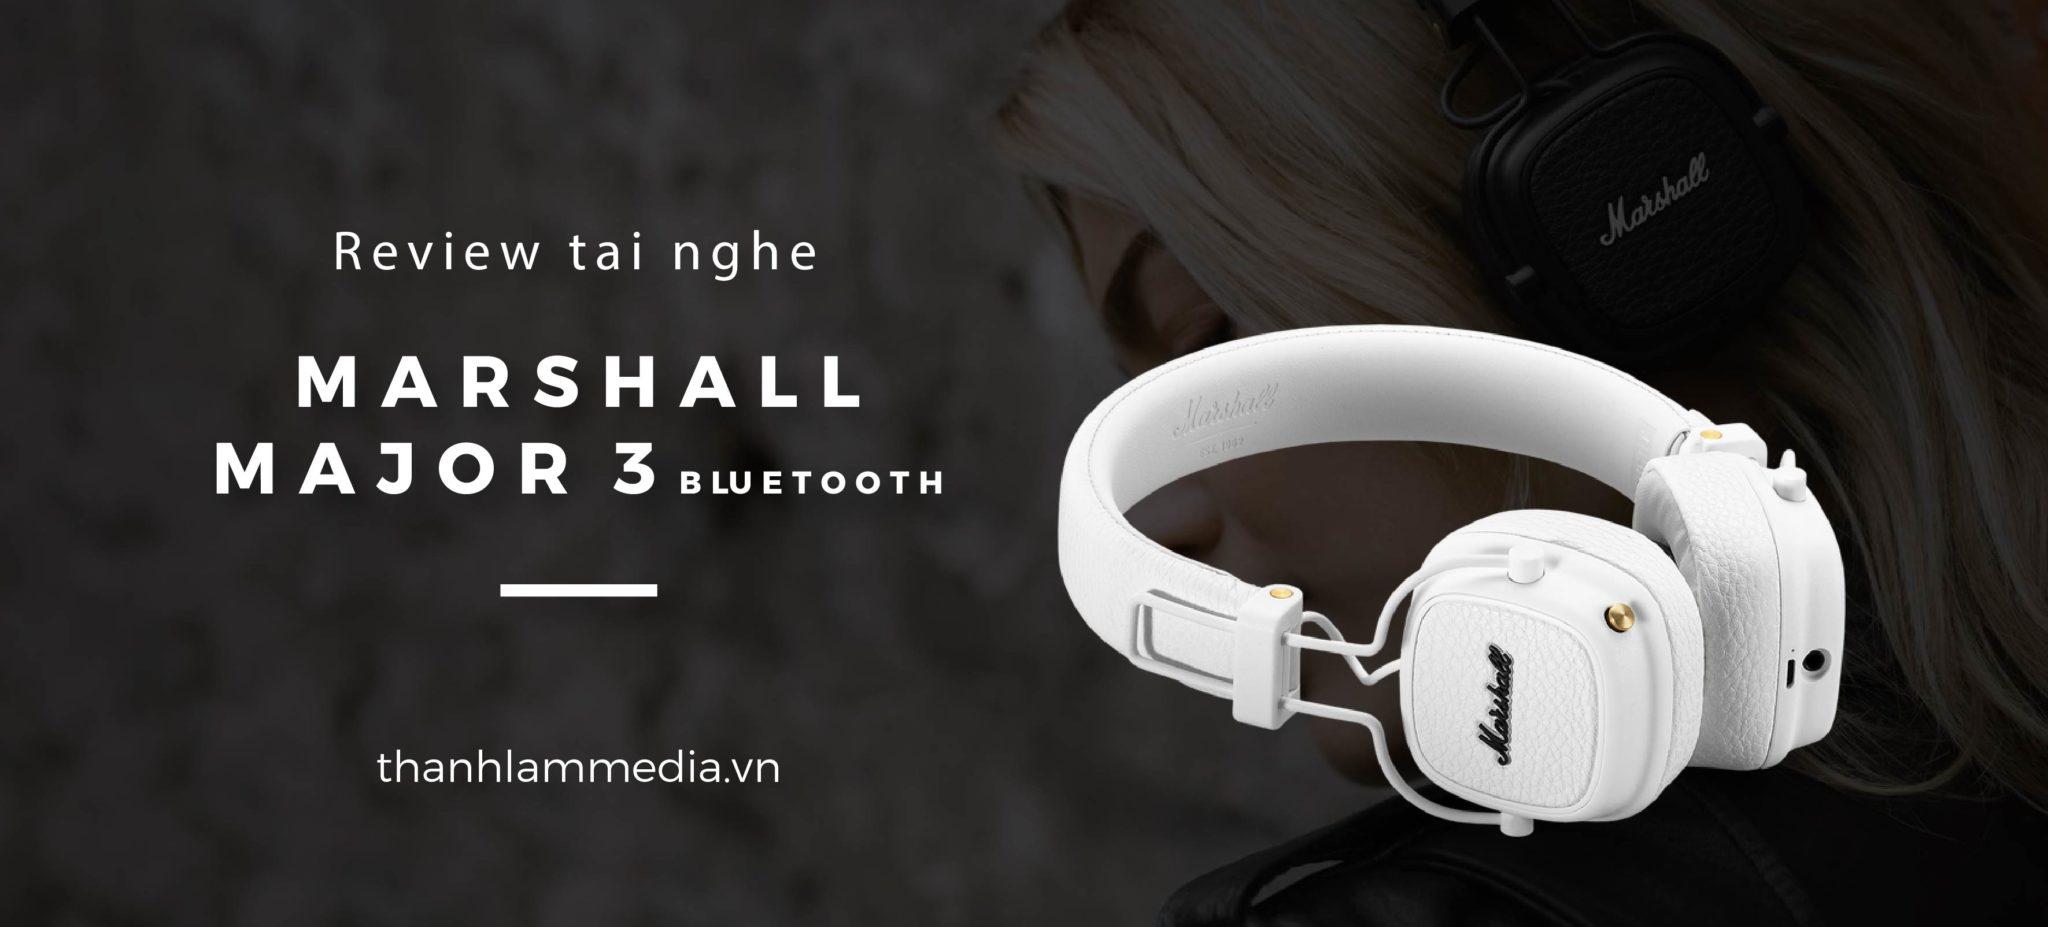 Marshall Major 3 Bluetooth - Tai nghe nhỏ gọn, tiện lợi với dải âm cao tuyệt vời 1